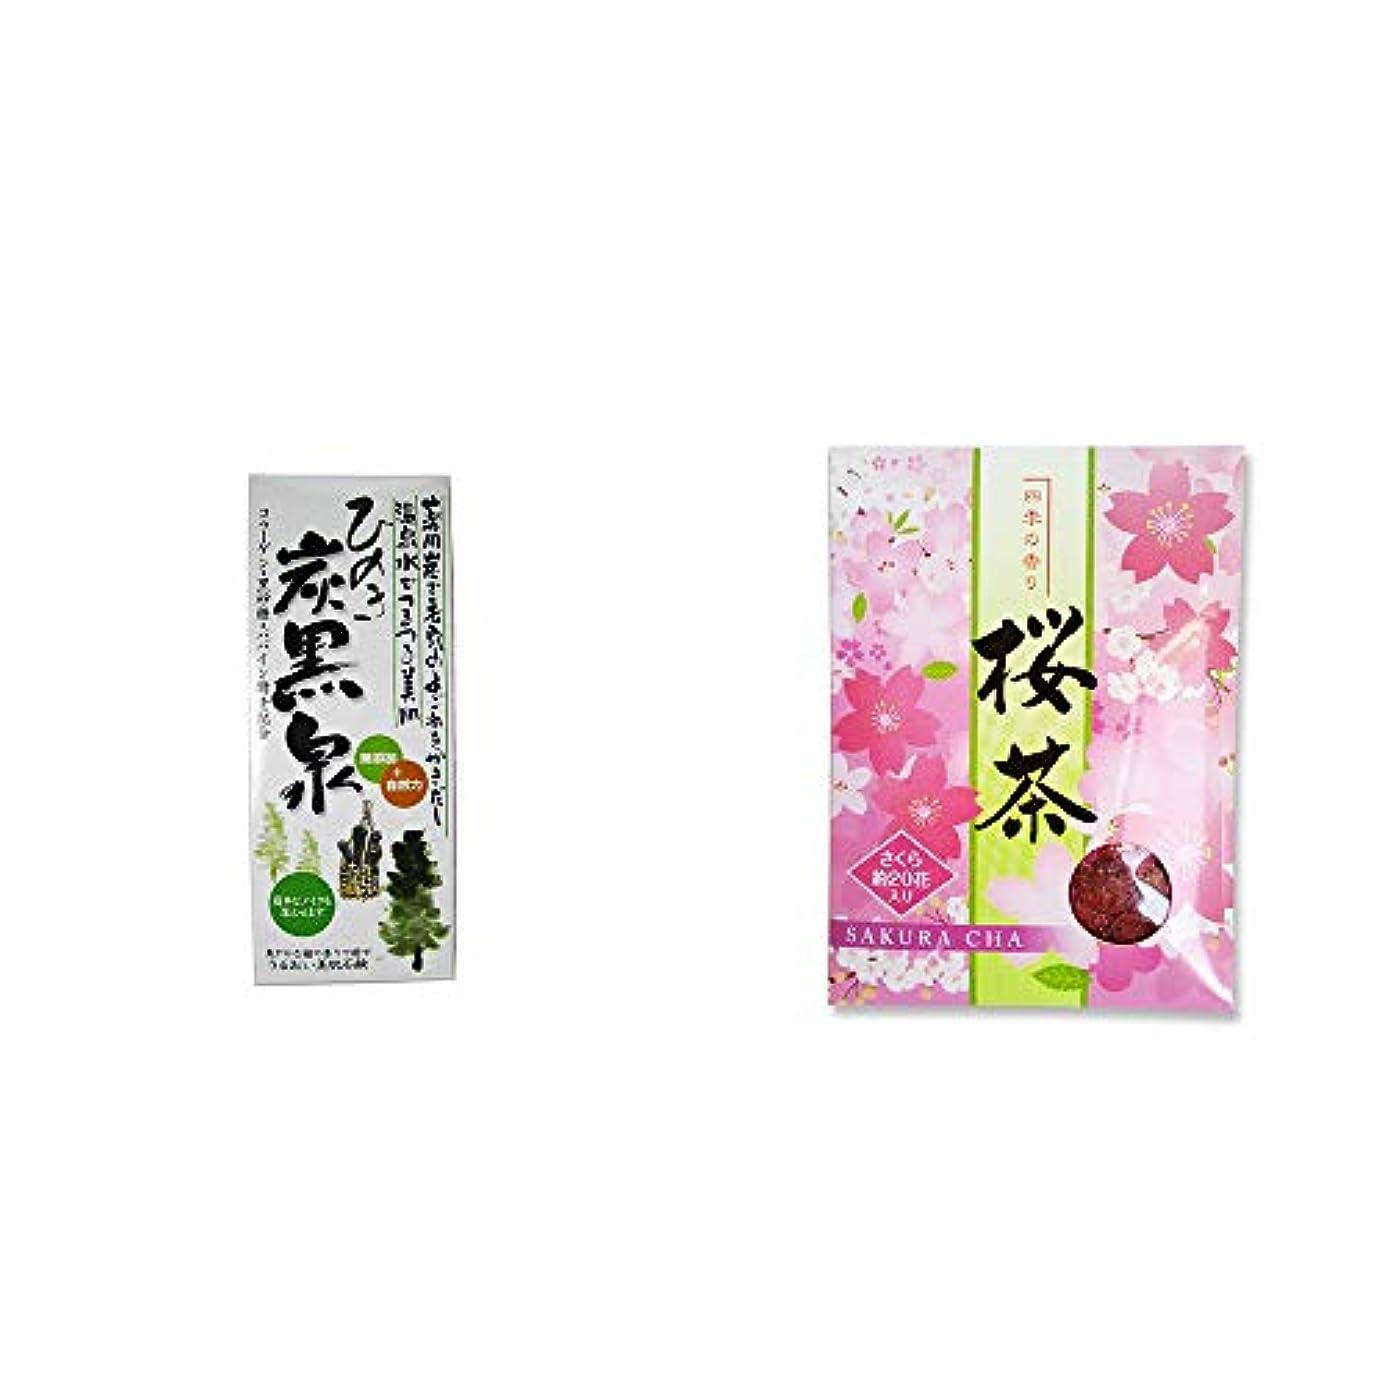 寺院インストール飢饉[2点セット] ひのき炭黒泉 箱入り(75g×3)?桜茶(40g)